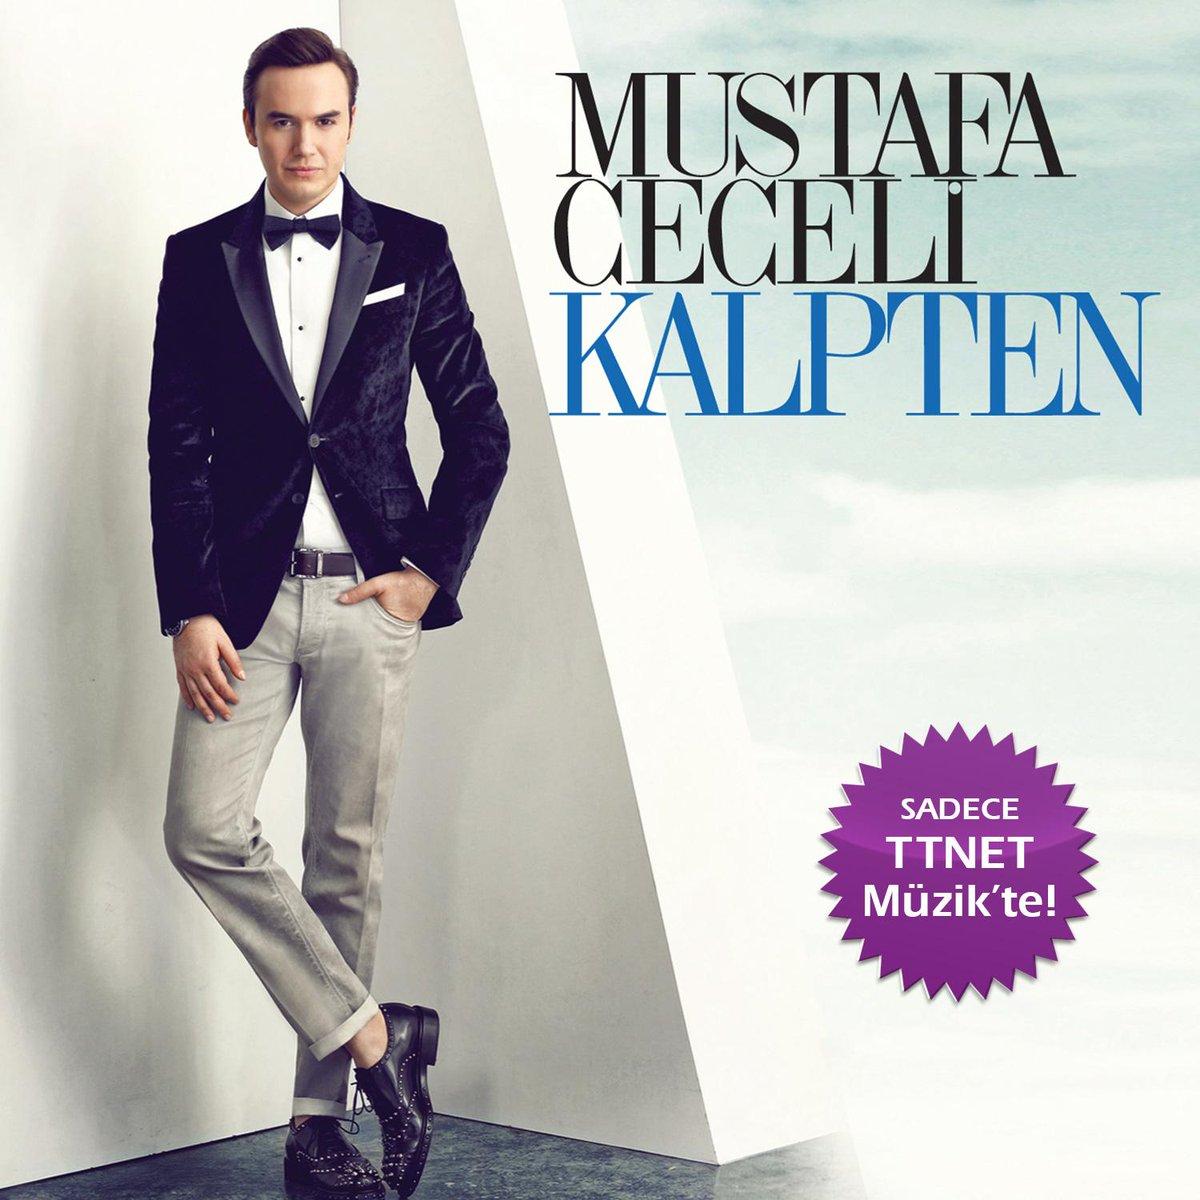 Mustafa Ceceli 14 parçadan oluşan yepyeni albümü Kalpten ile sadece TTNET Müzik'te! http://t.co/pPam5Pscjs http://t.co/zWlnkJVk3j